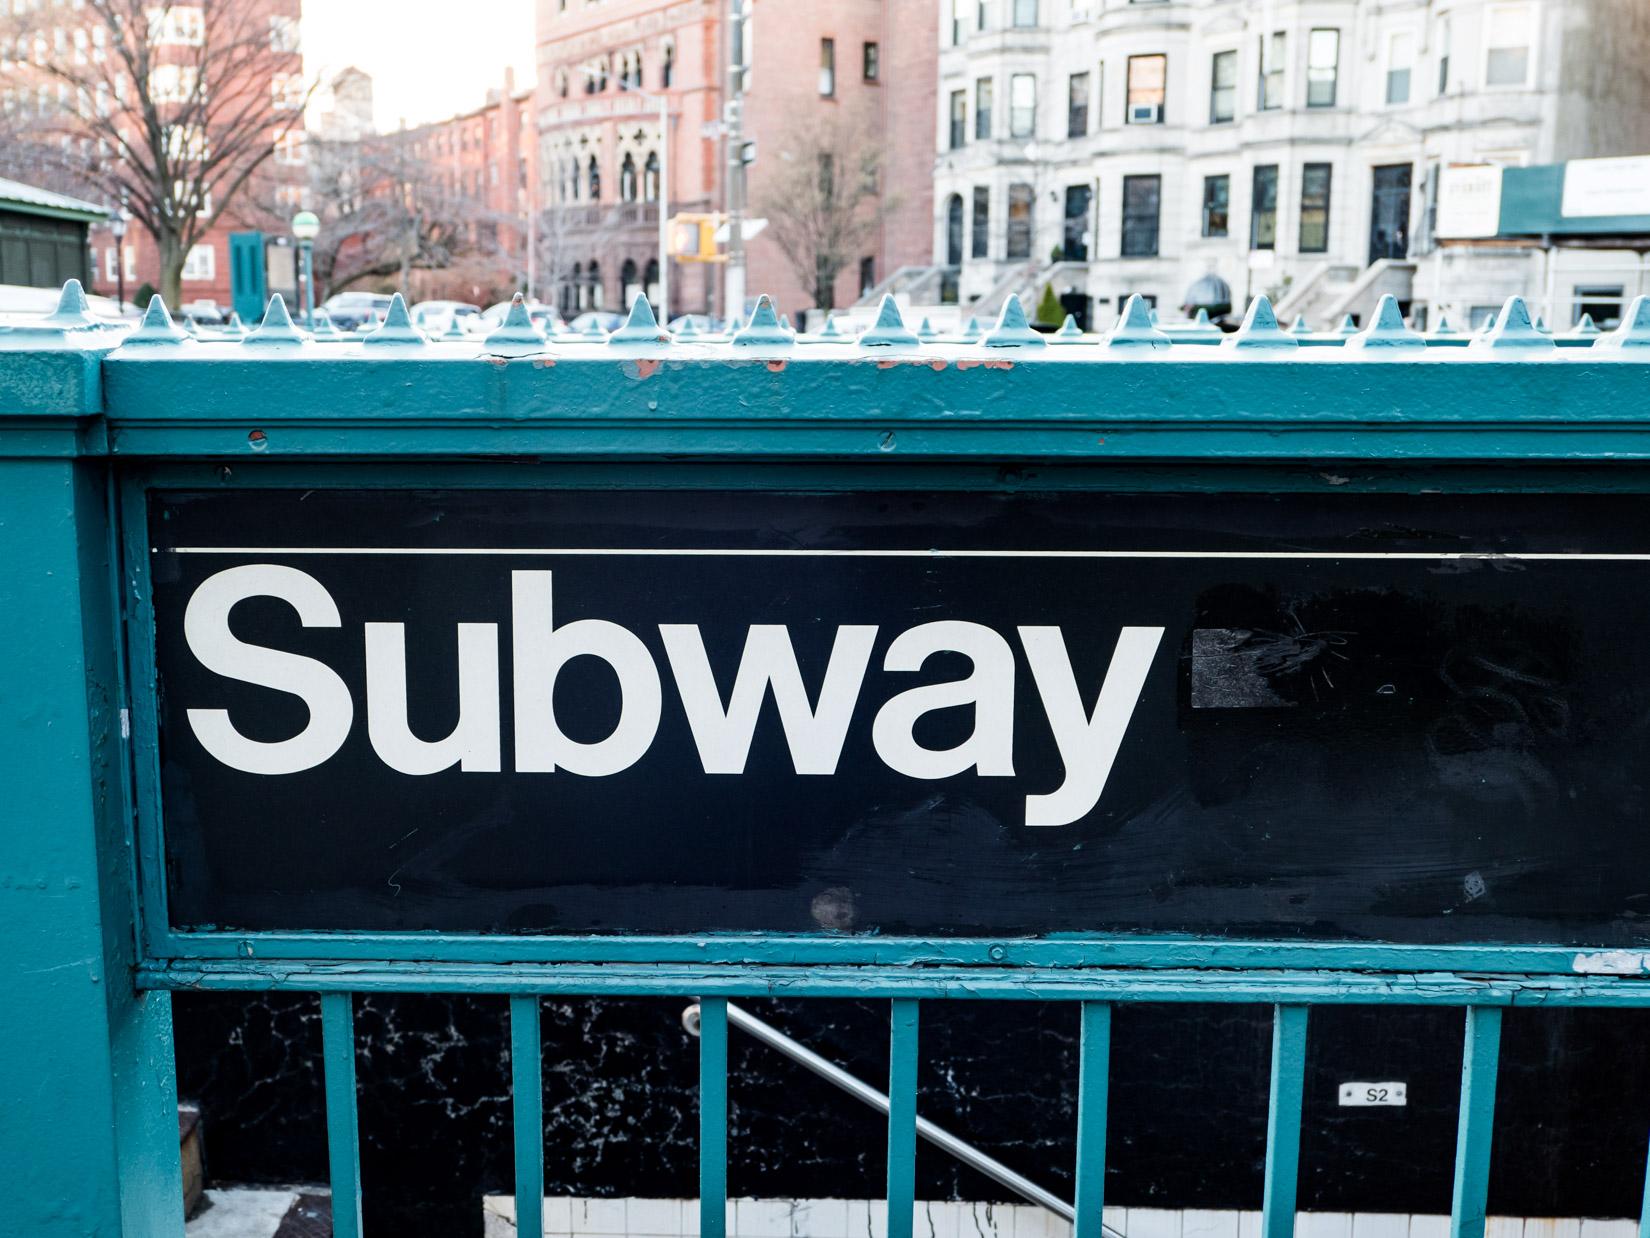 Subway Entrance Sign